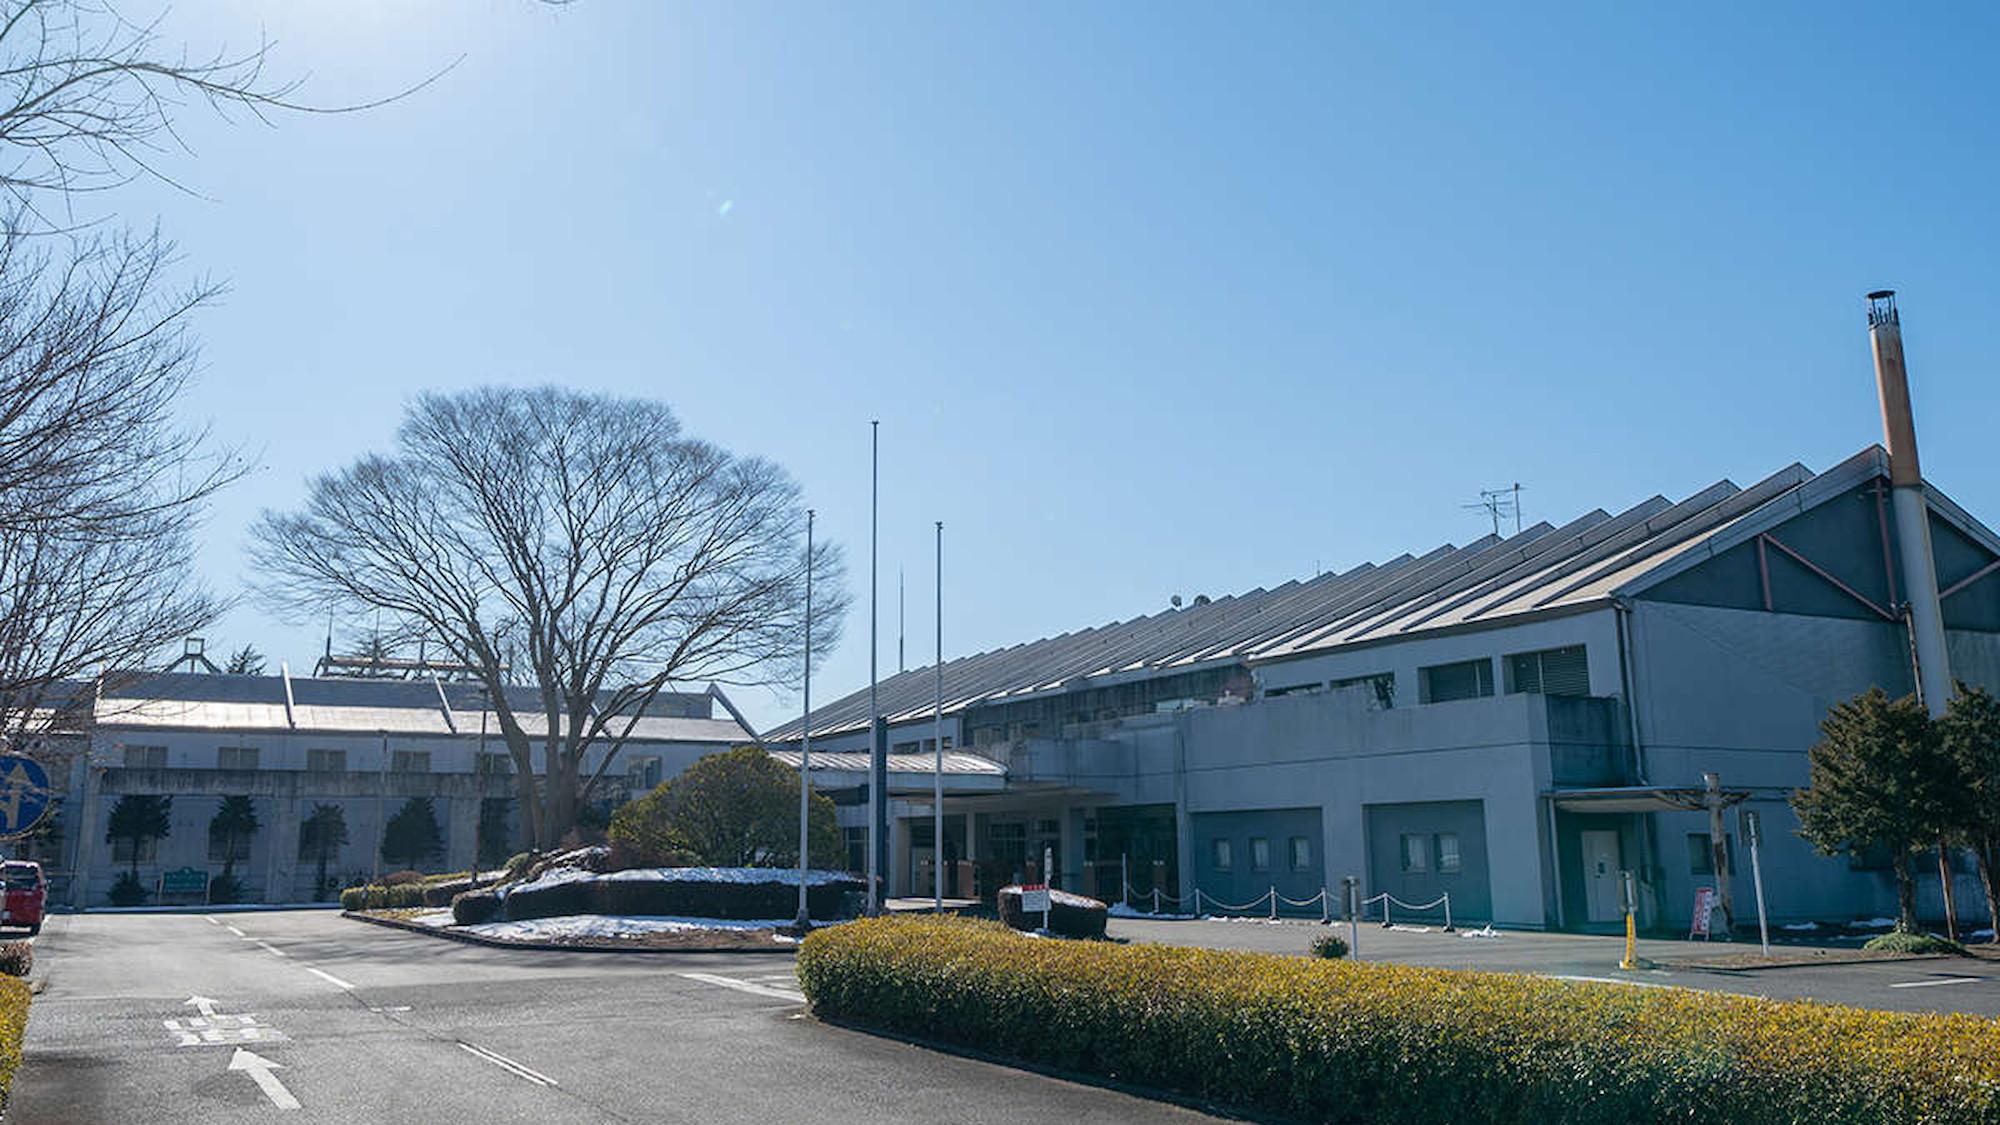 喜連川カントリー倶楽部&美肌温泉ホテルきつれ川 画像